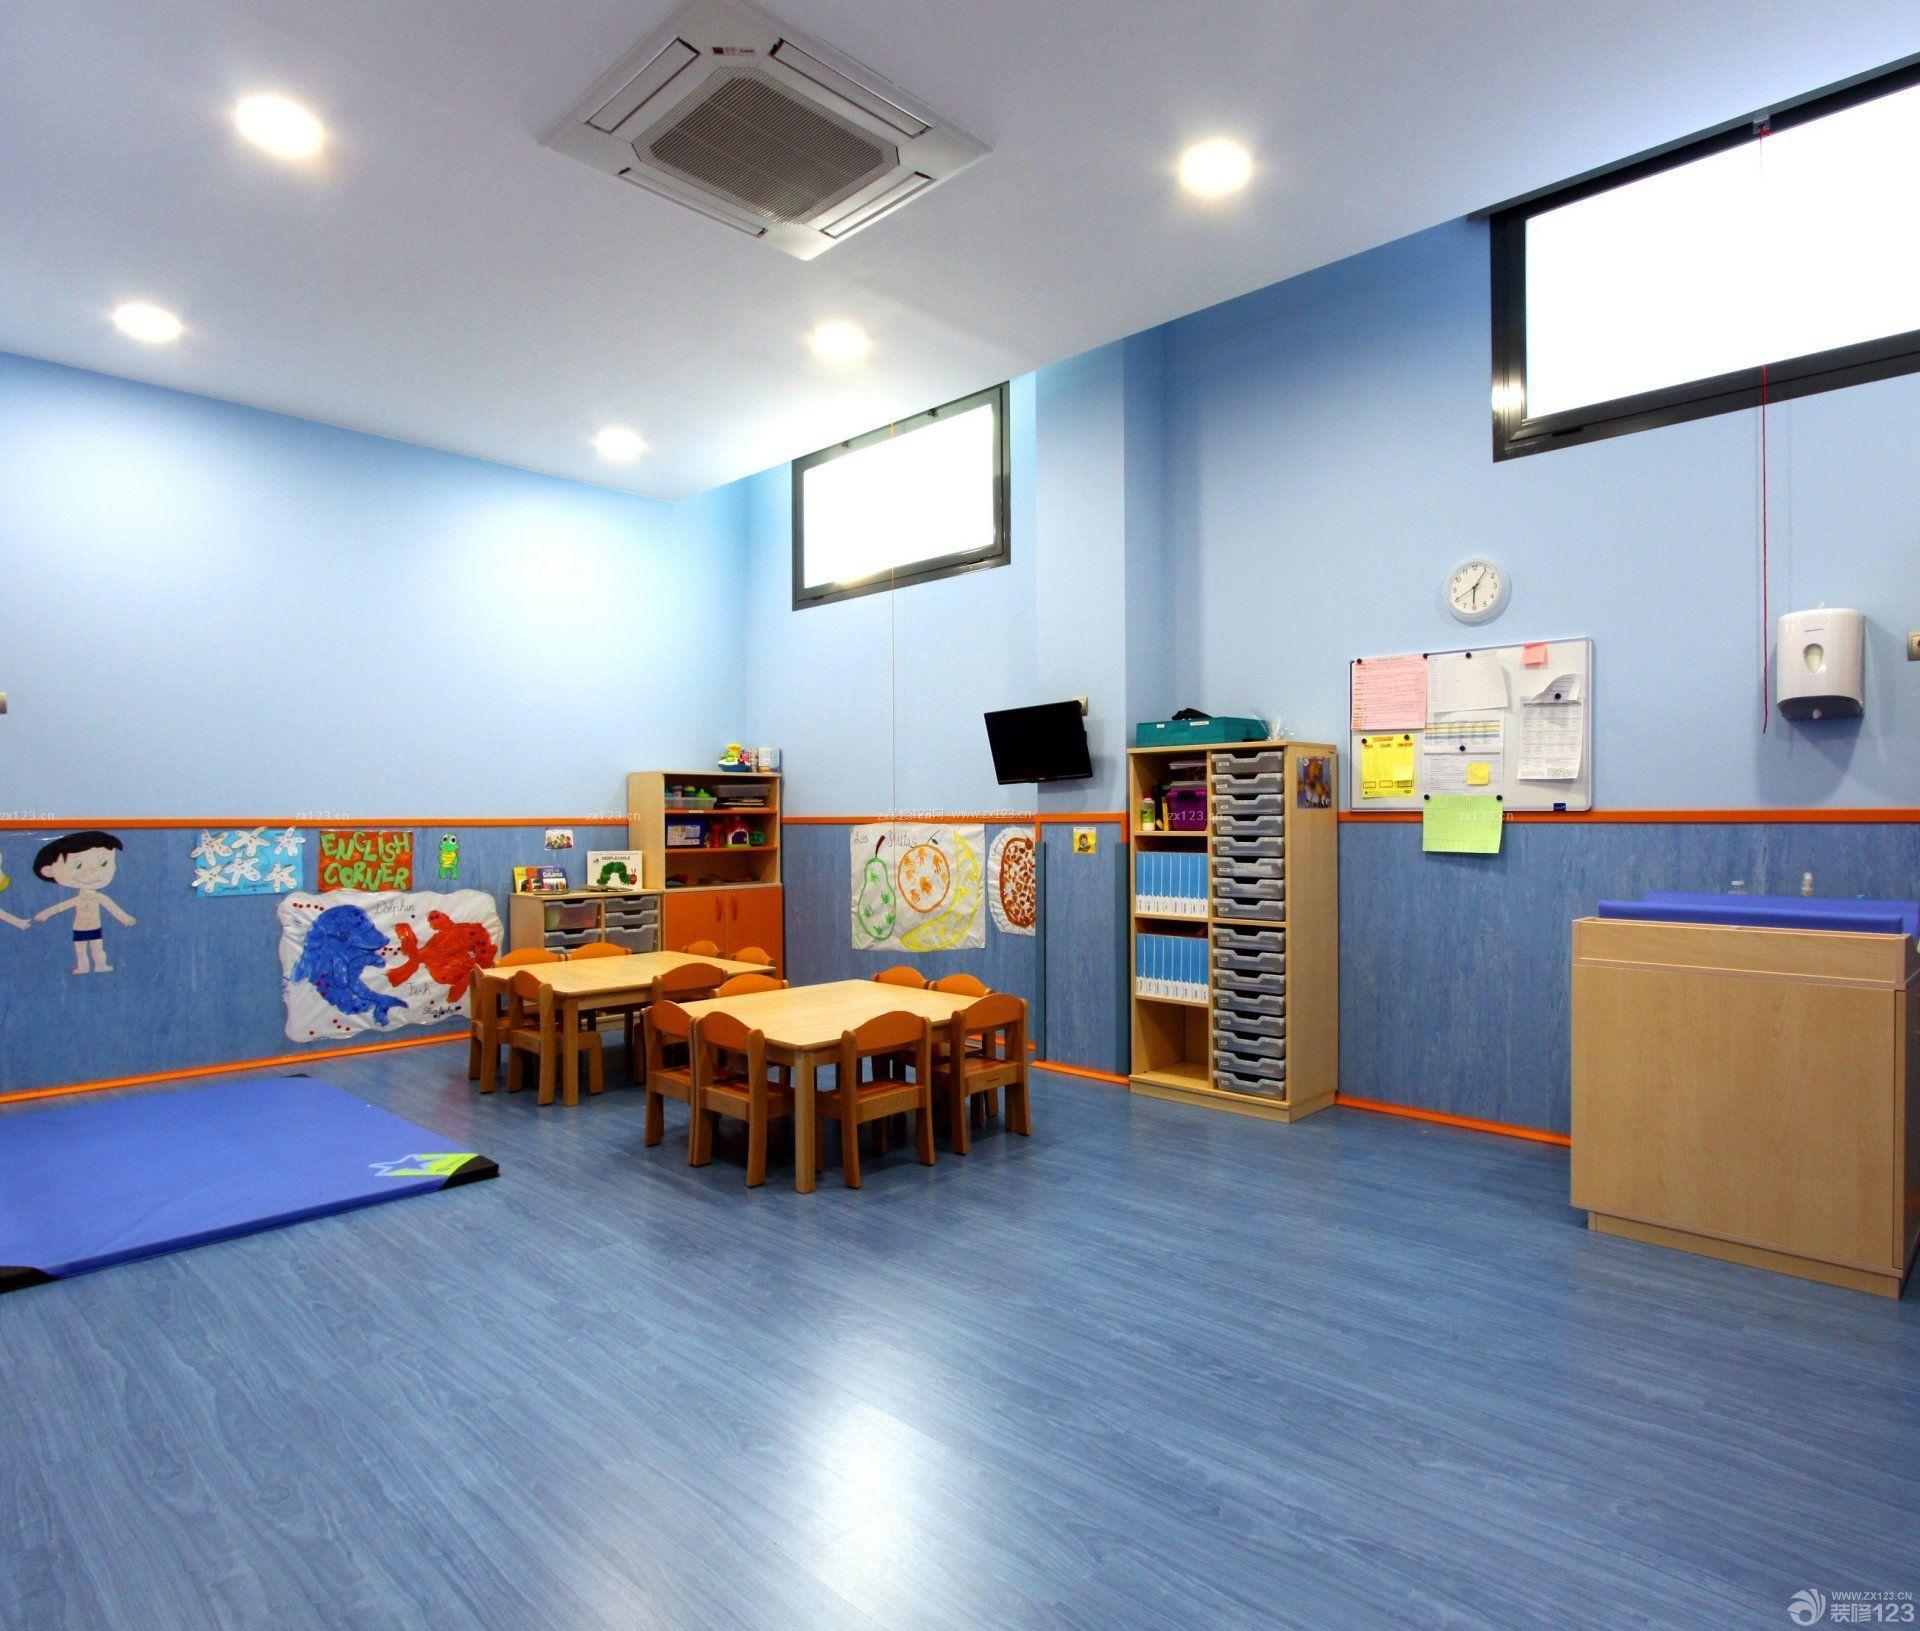 国际幼儿园教室吊顶装饰设计效果图片